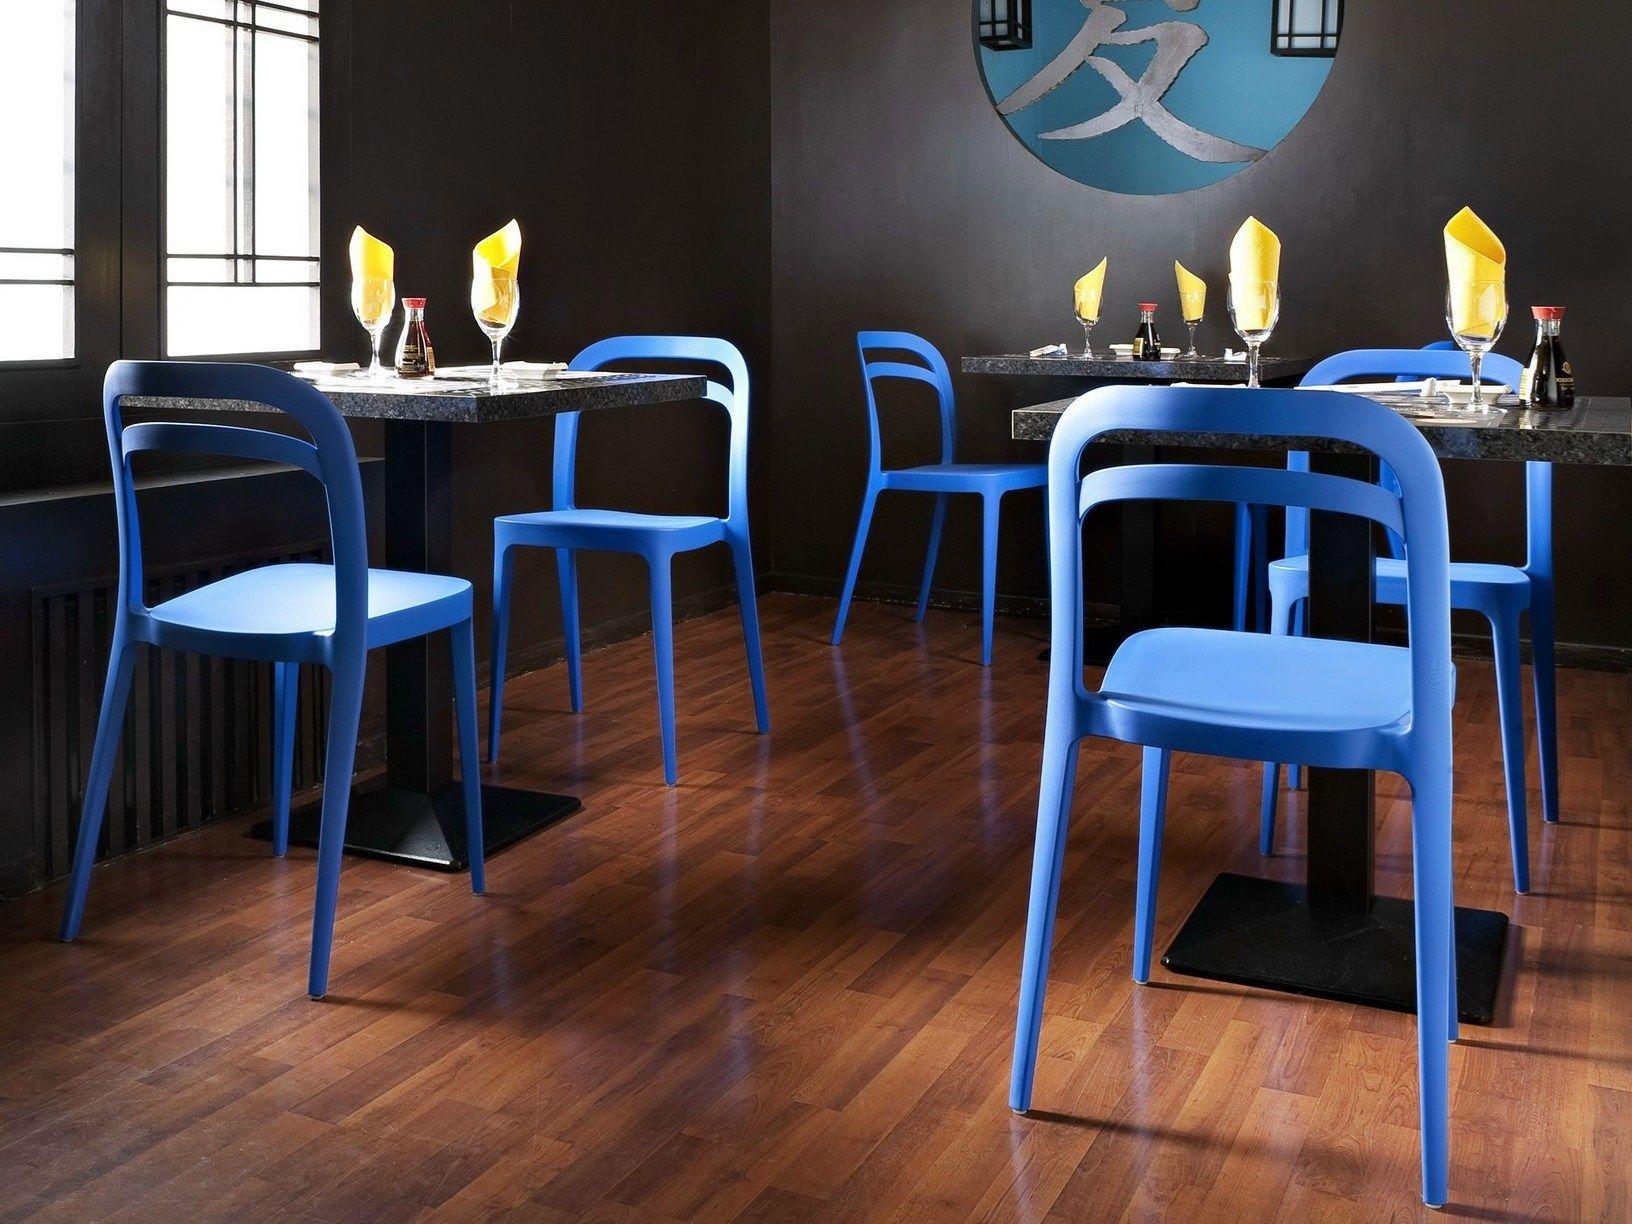 Alma Design interpreta il blu in tutte le sue nuances